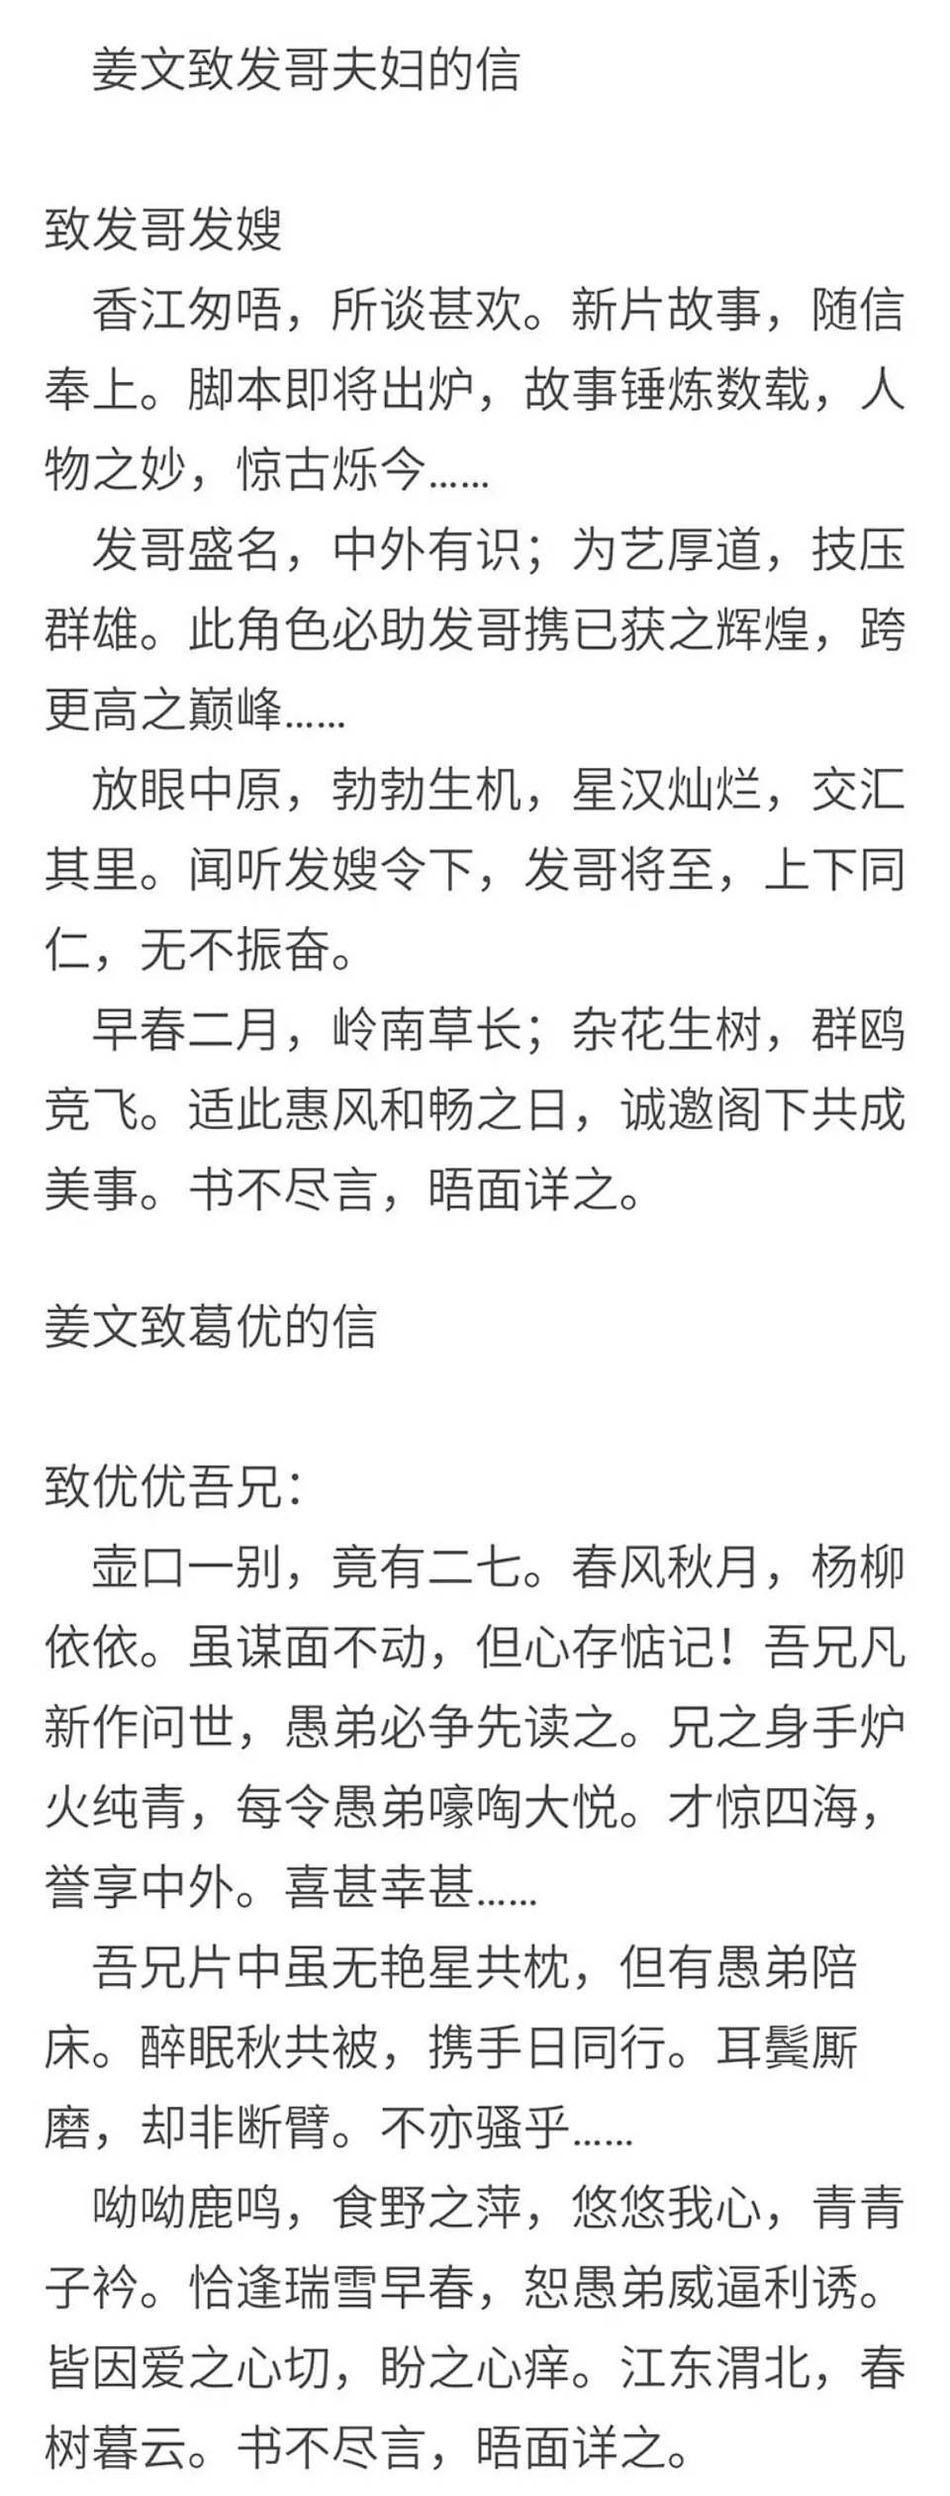 姜文曾给周润发写信 还差点让周润发产生误解